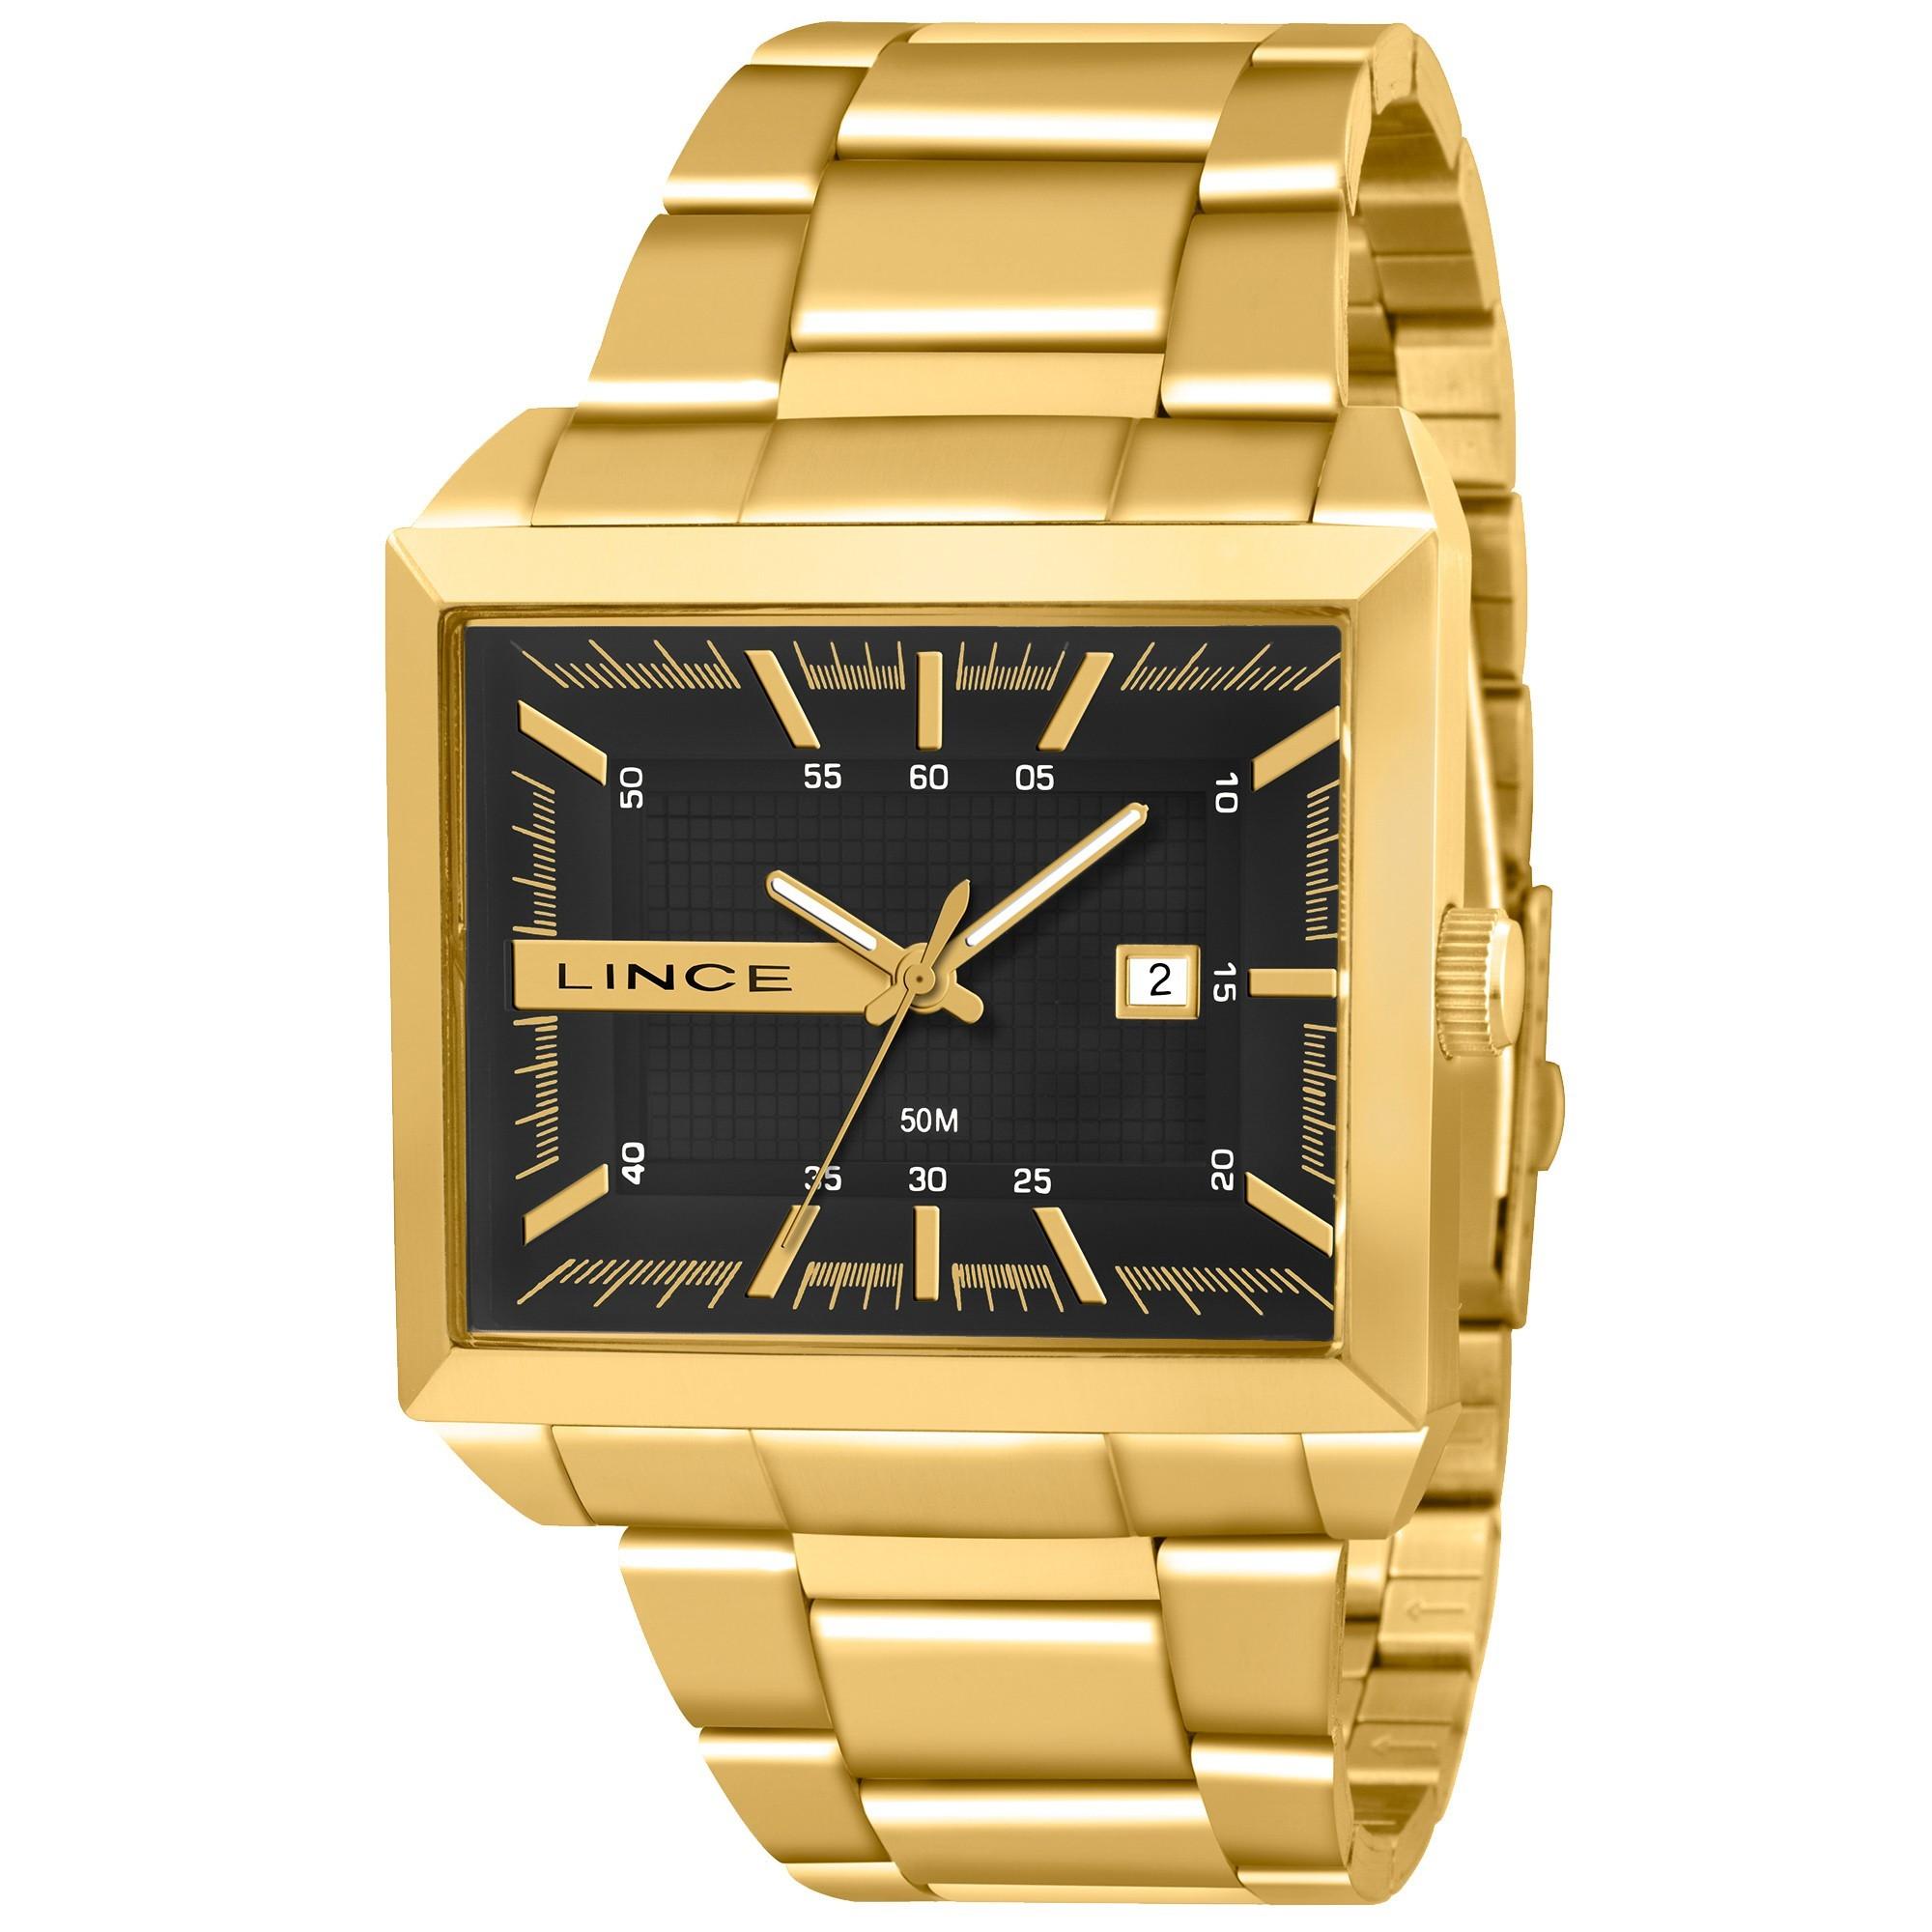 Relógio Lince Masculino - MQG4267S S1KX  - Dumont Online - Joias e Relógios